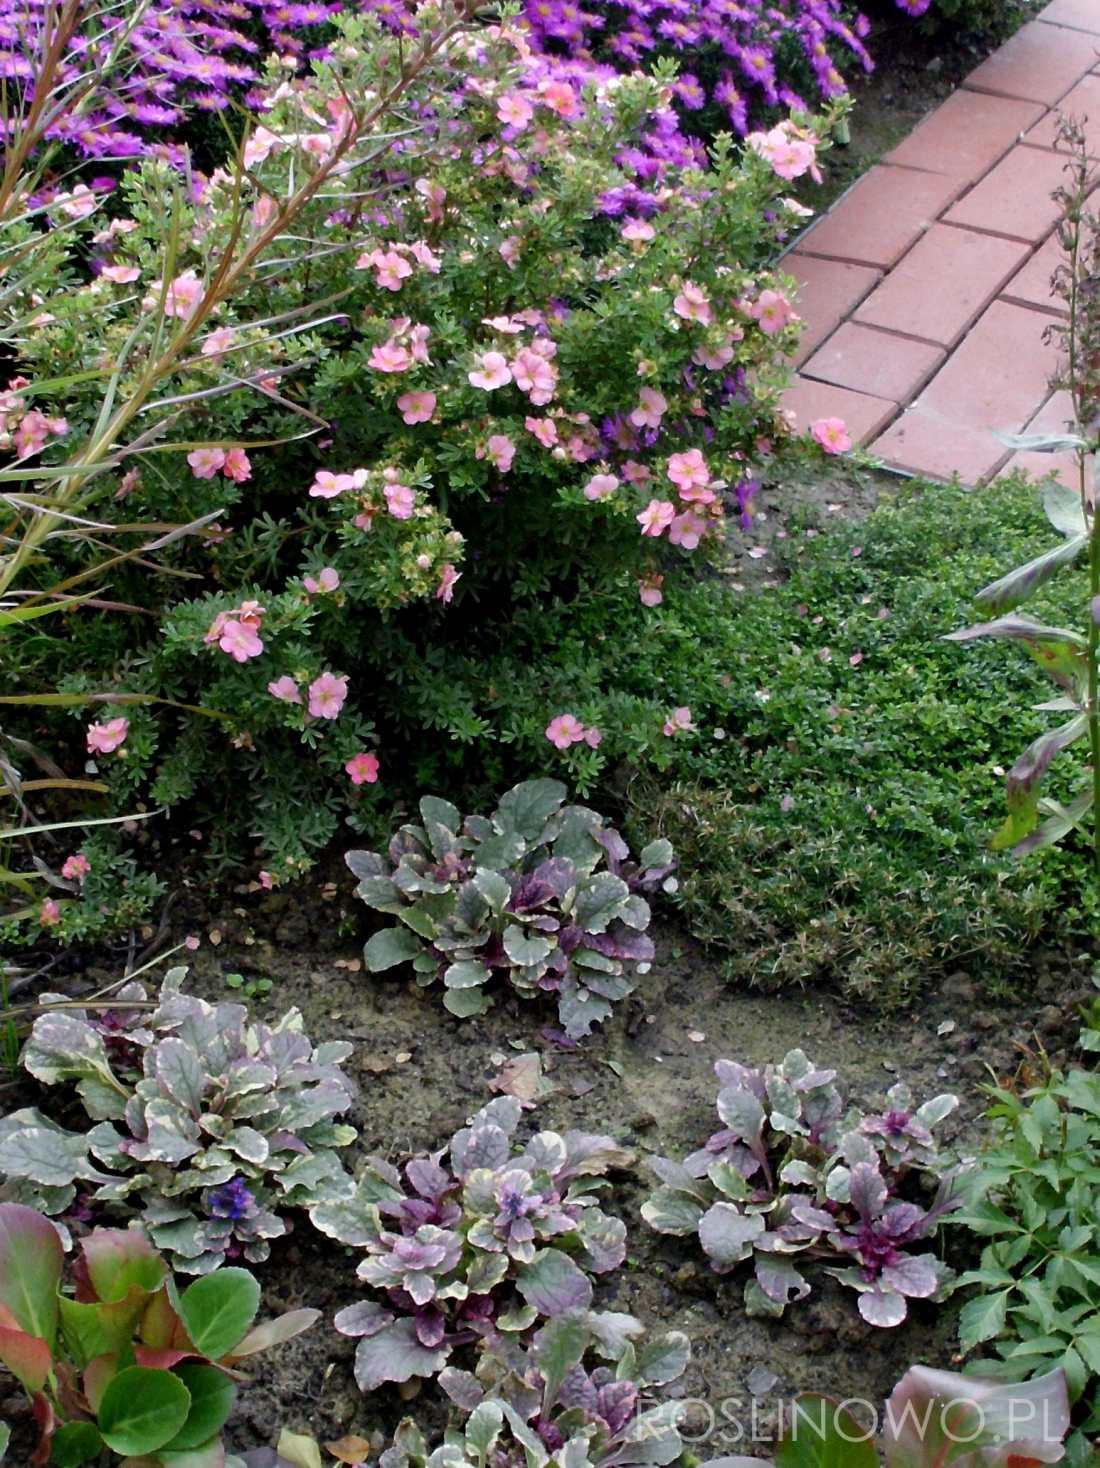 dąbrówka burgundy glow na pierwszym planie rabaty bylinowej